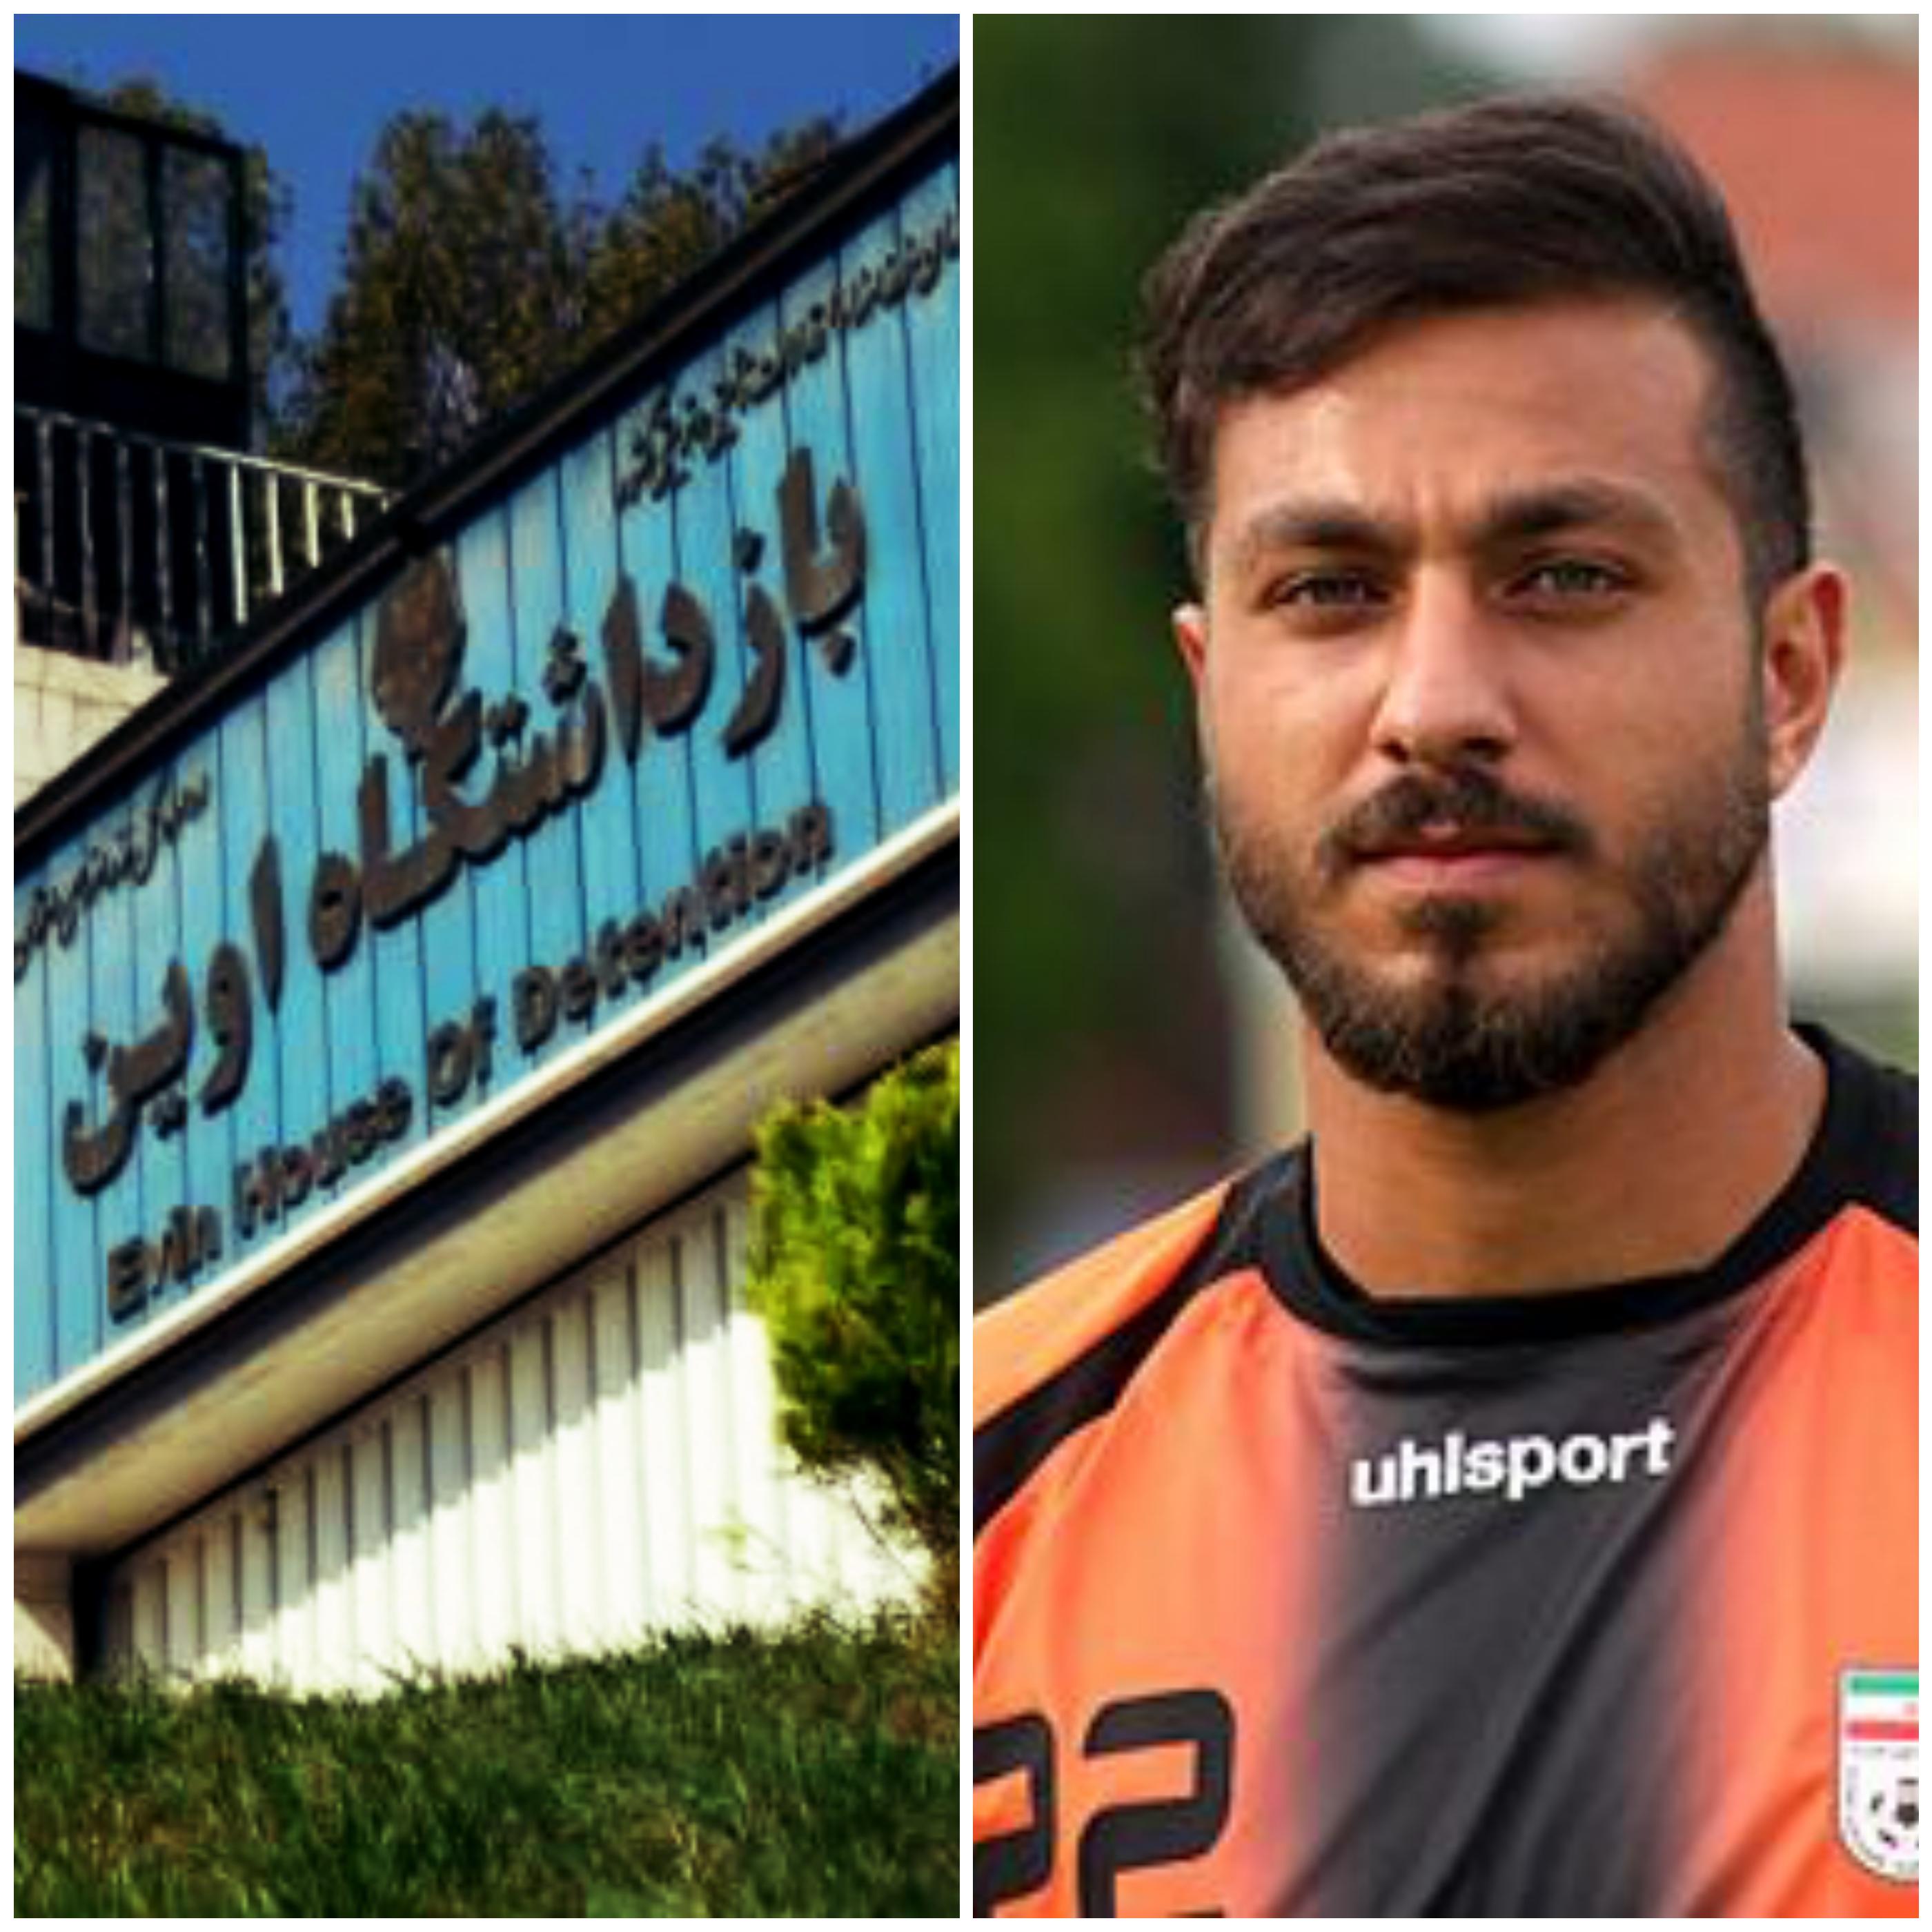 سوشا مکانی  به زندان اوین منتقل شد